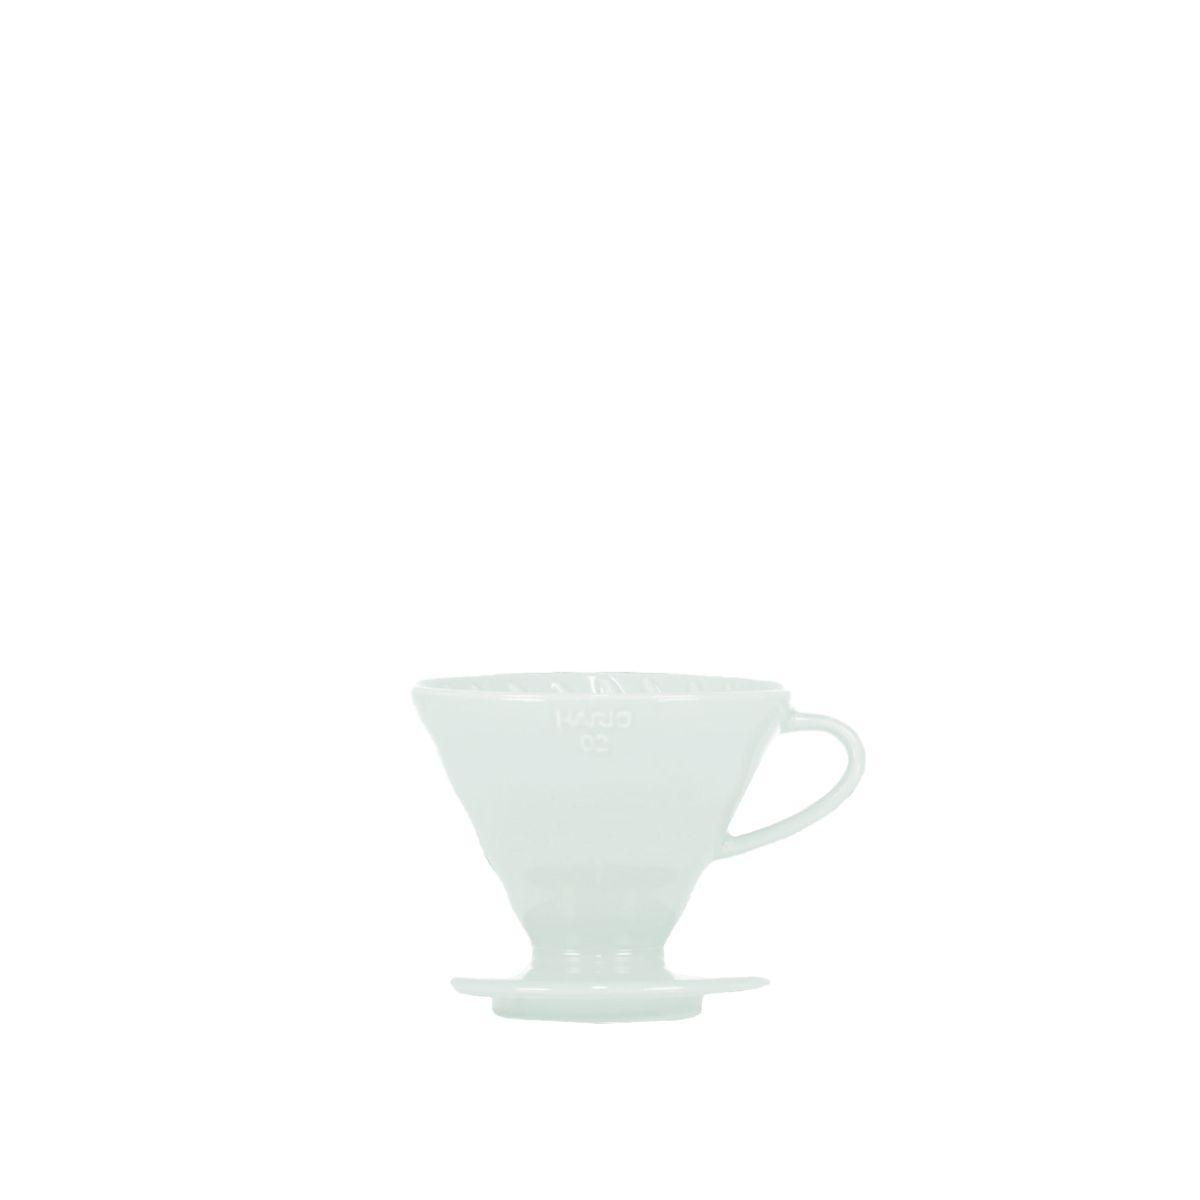 V60 Dripper Hario Porzellan [3/4 Tassen] - Hellblau